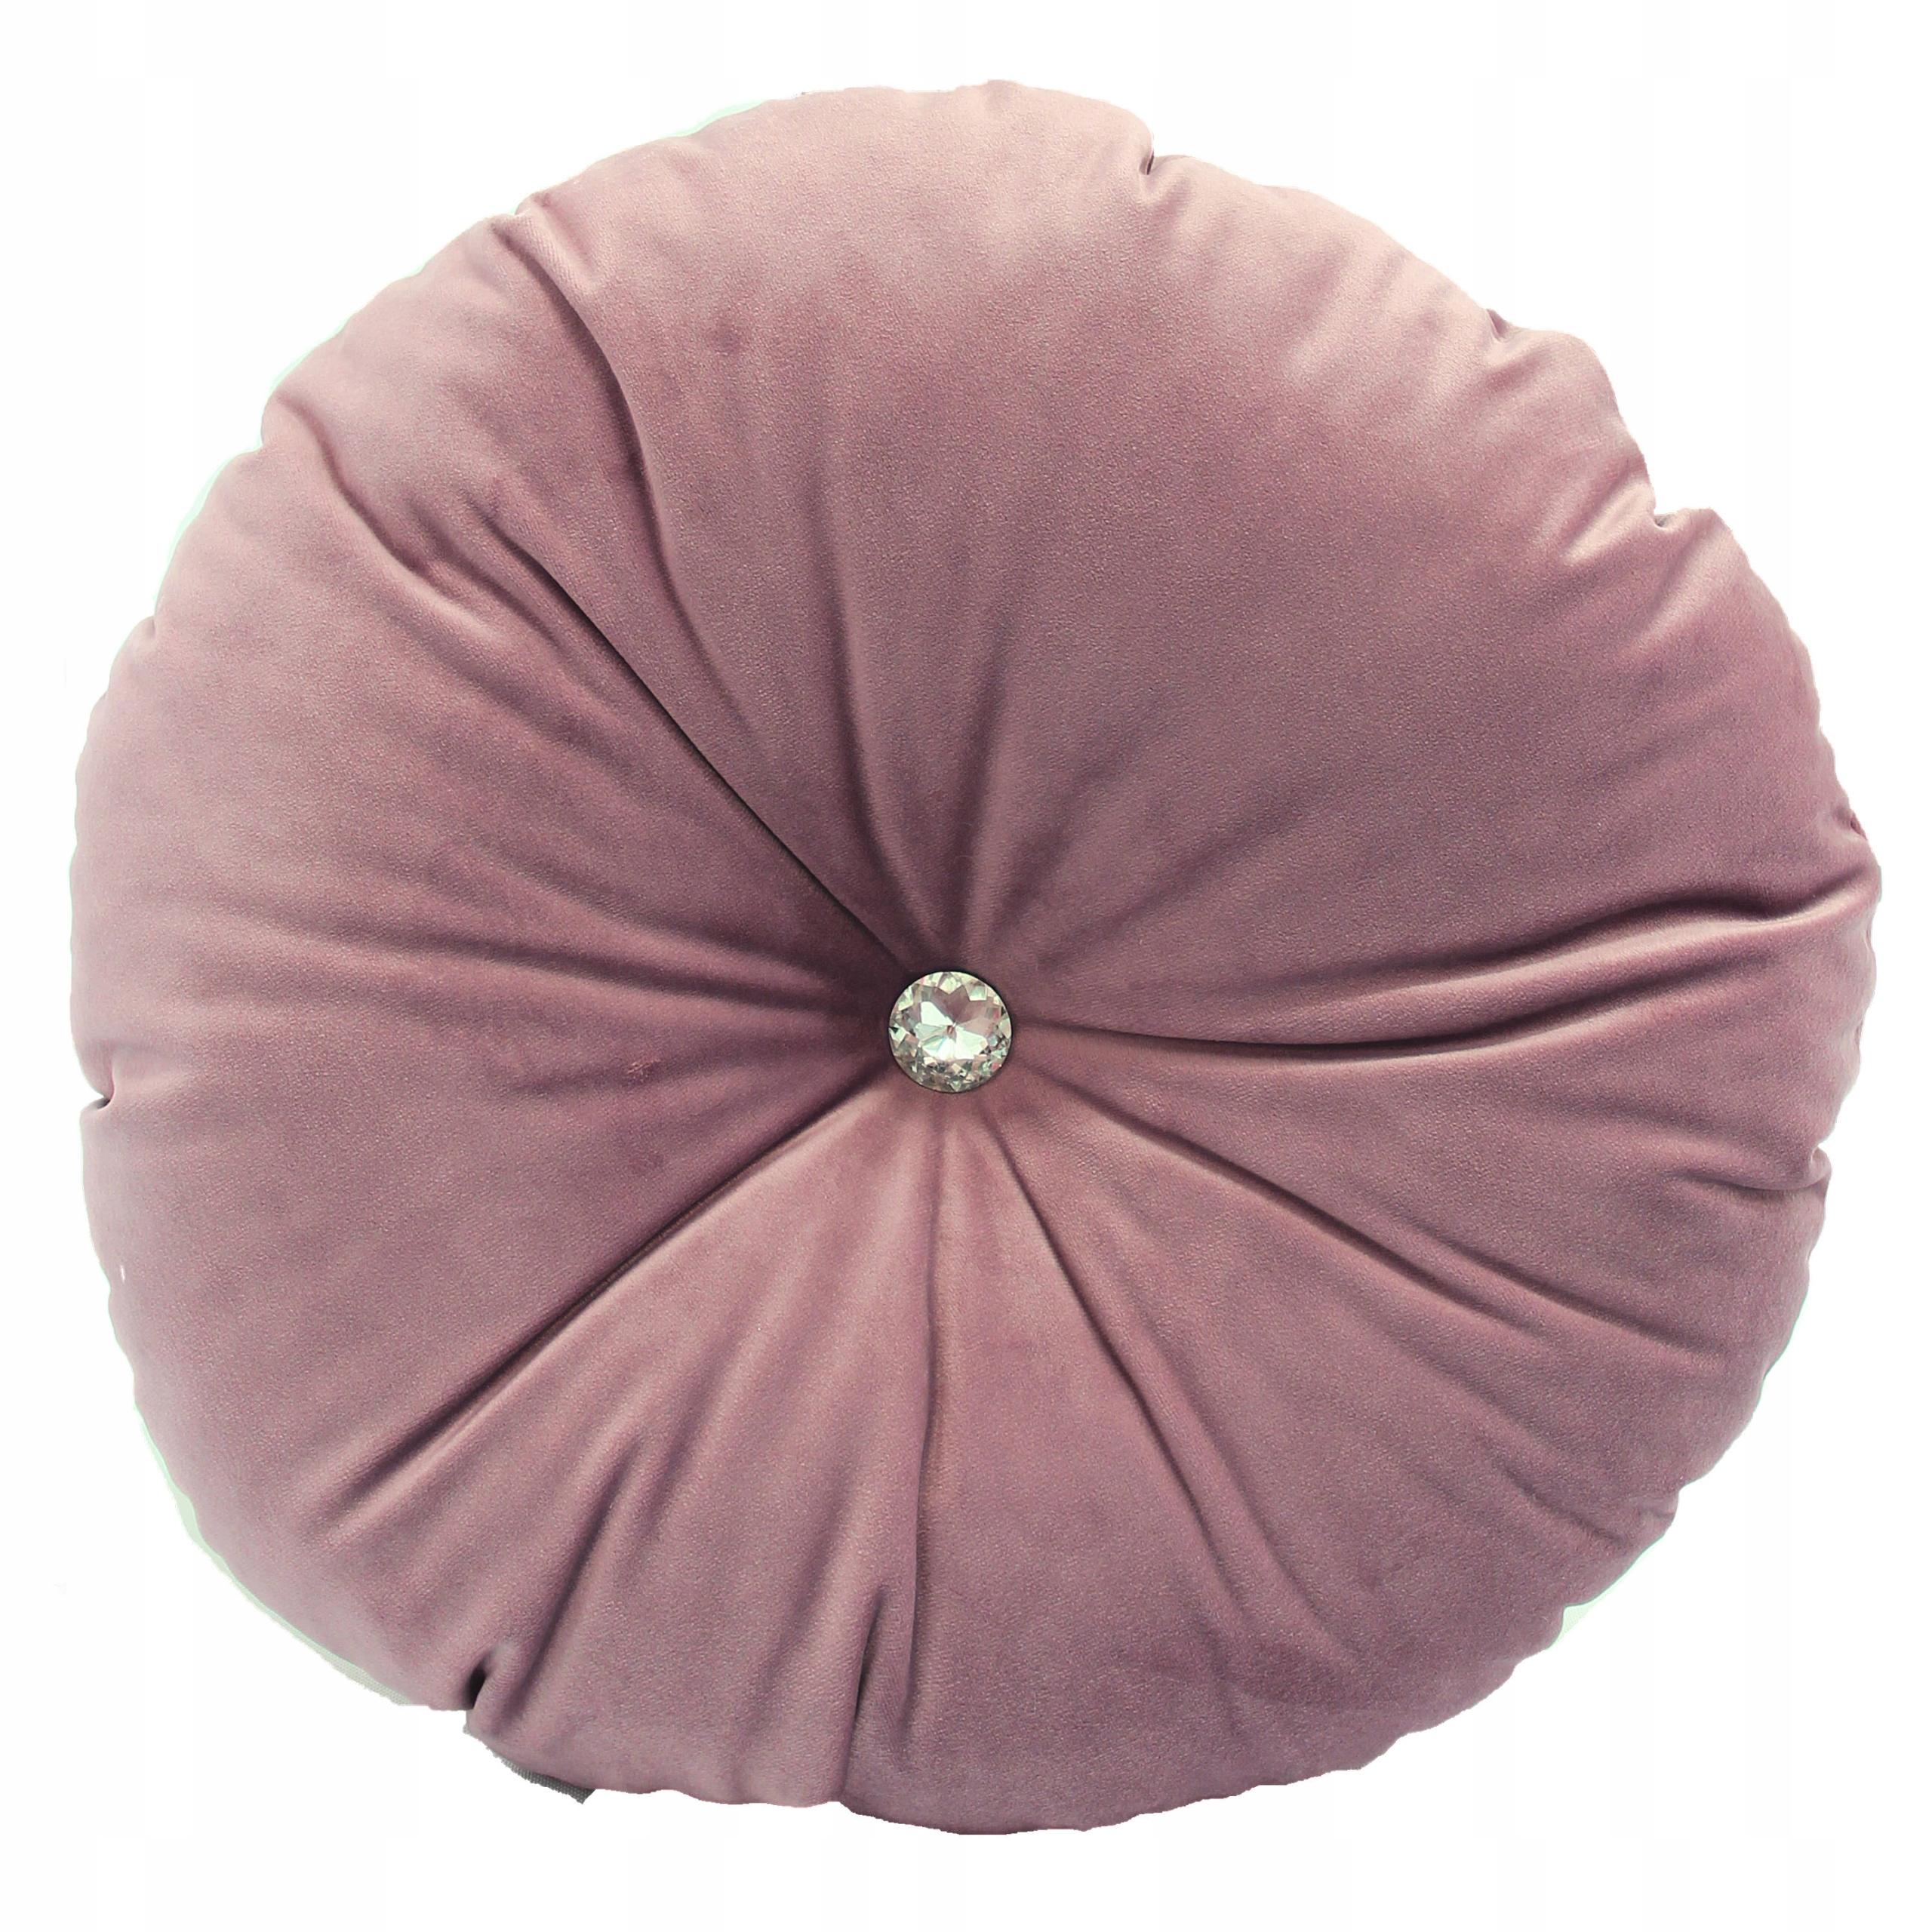 Подушка для пуговиц с круглым кристаллом пыльно-розовый